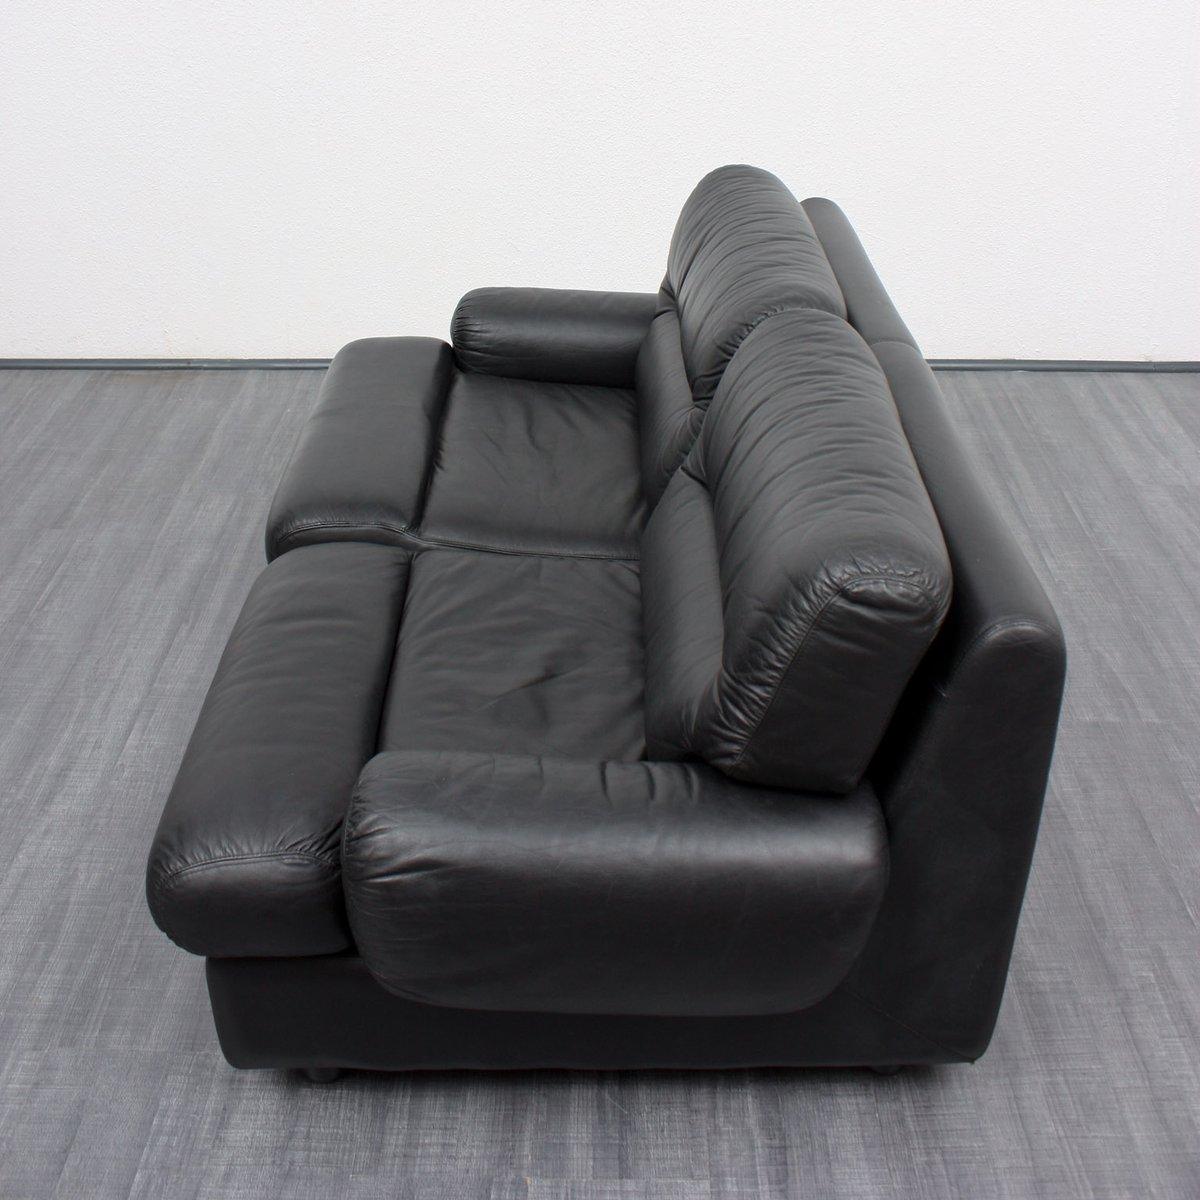 Divano a due posti vintage in pelle nera anni 39 70 in for Divano 7 posti prezzo